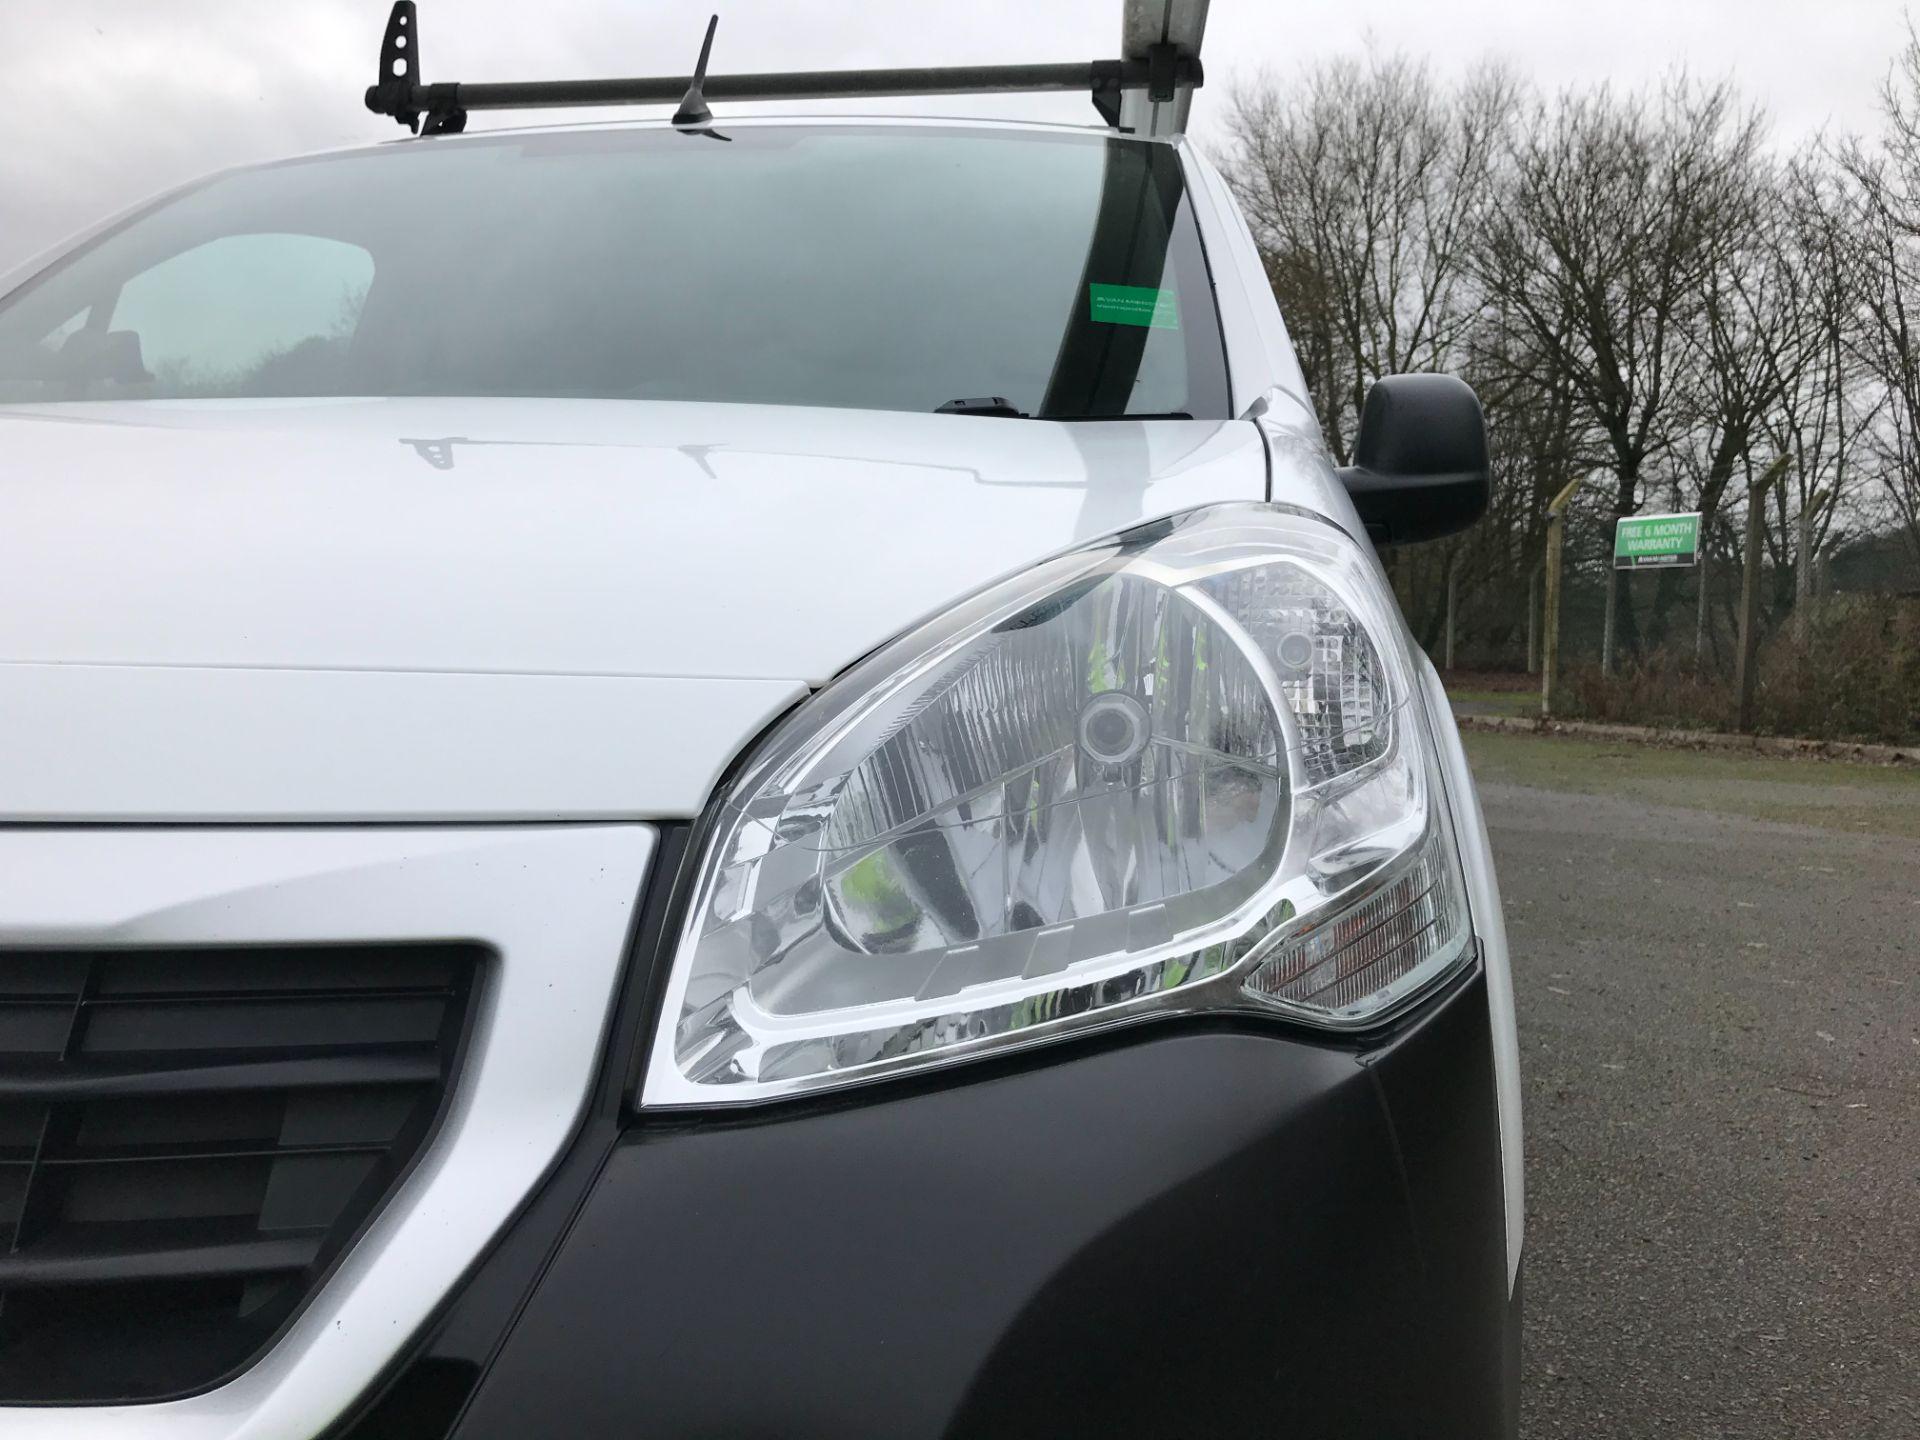 2017 Peugeot Partner L1 850 1.6 BLUEHDI 100 PROFESSIONAL (NON S/S)EURO 6 (NX17TLV) Image 12